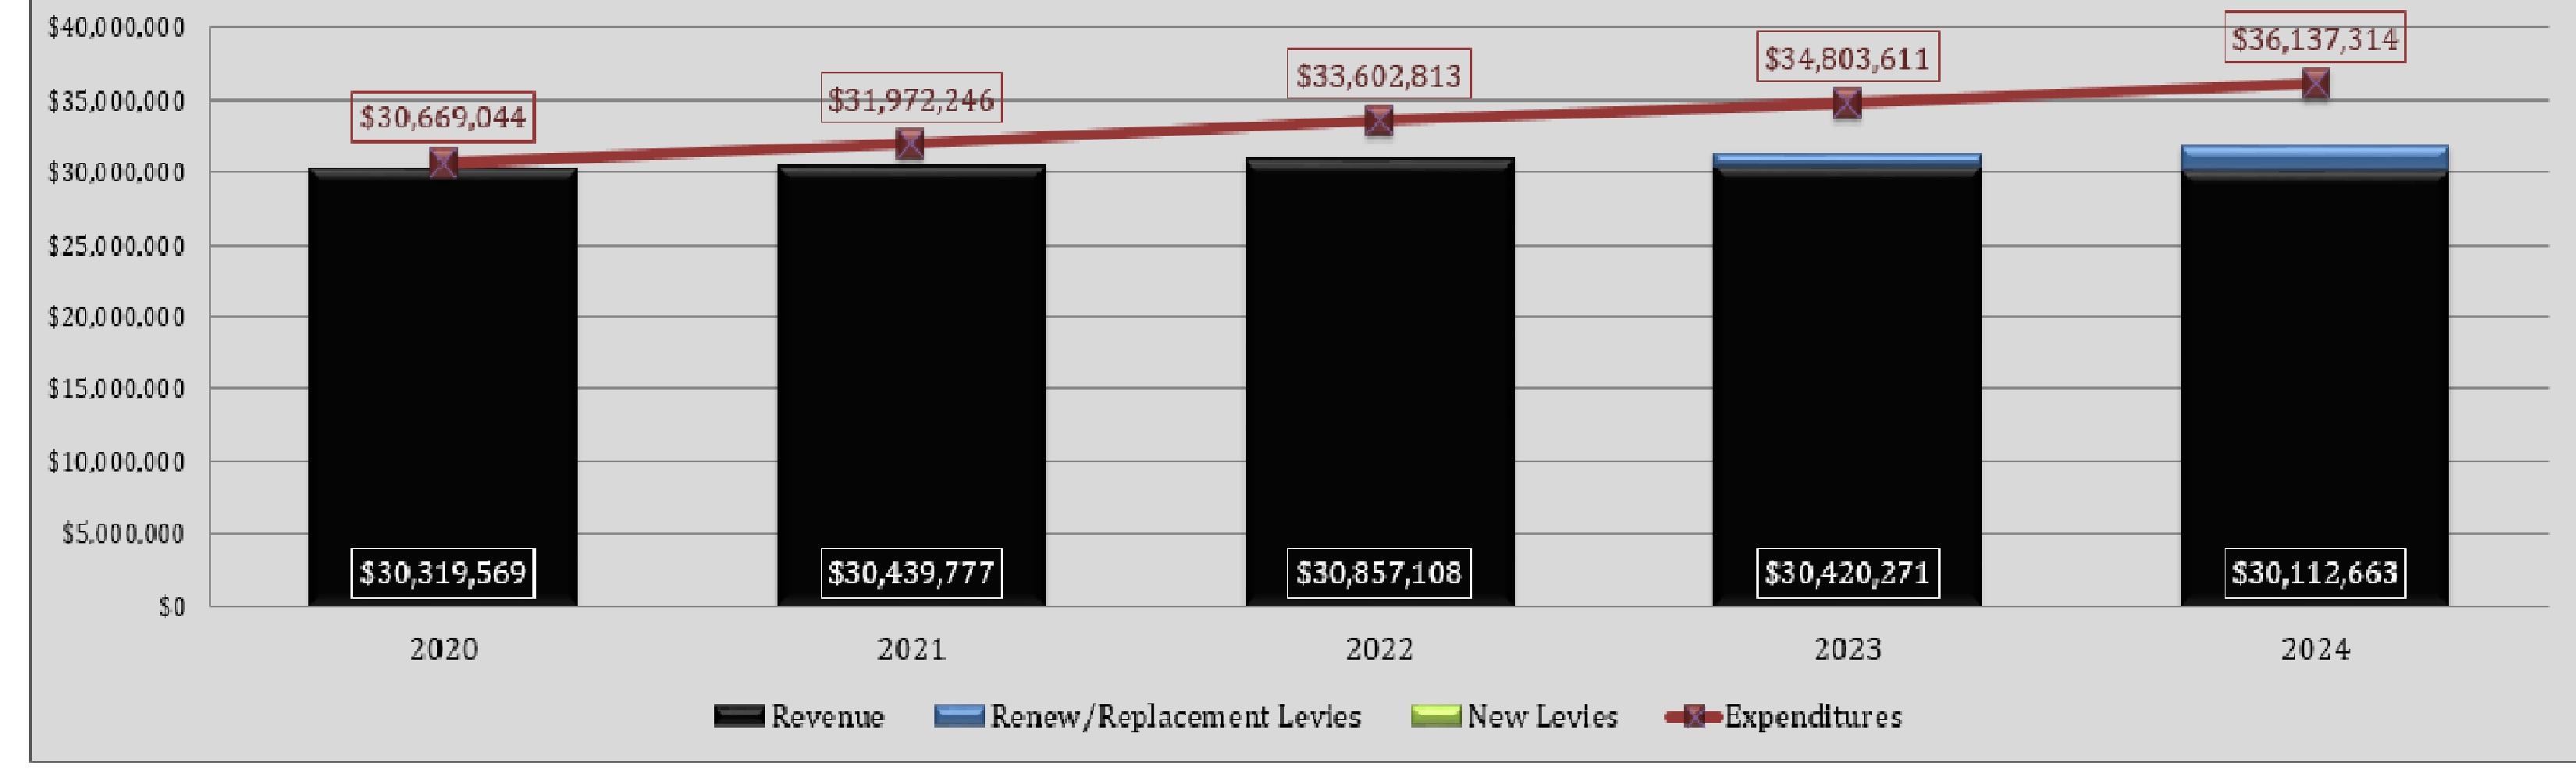 Revenue vs. Expenditures